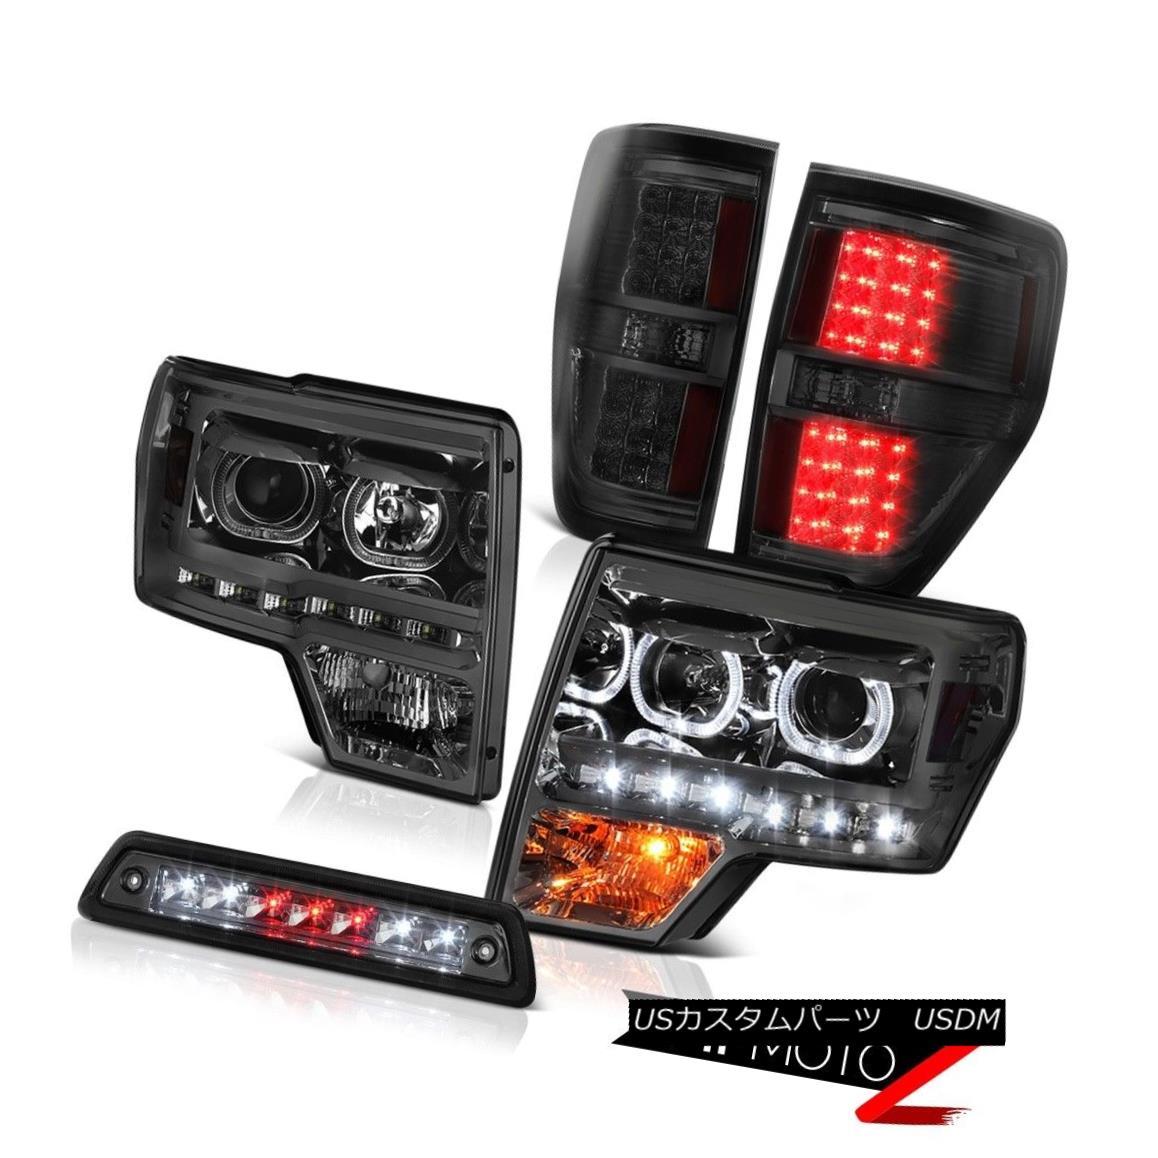 テールライト 09-14 F150 STX Smoked third brake lamp parking lights Headlights SMD Angel Eyes 09-14 F150 STXスモークサードブレーキランプパーキングライトヘッドライトSMD Angel Eyes